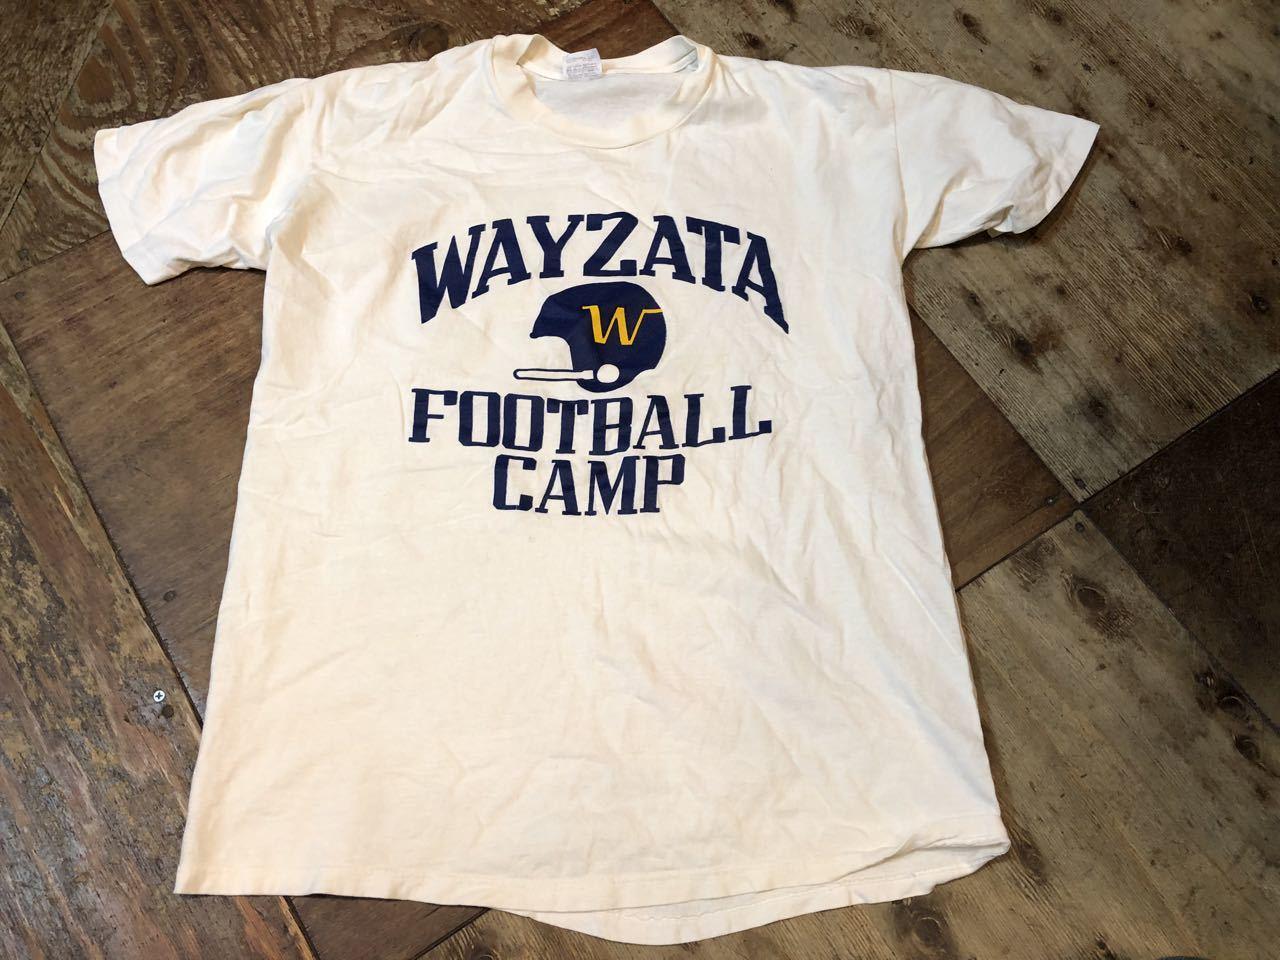 7月20日(土)入荷!80s all cotton カレッジFOOTBALL CAMP Tシャツ STEDMAN_c0144020_13560134.jpg